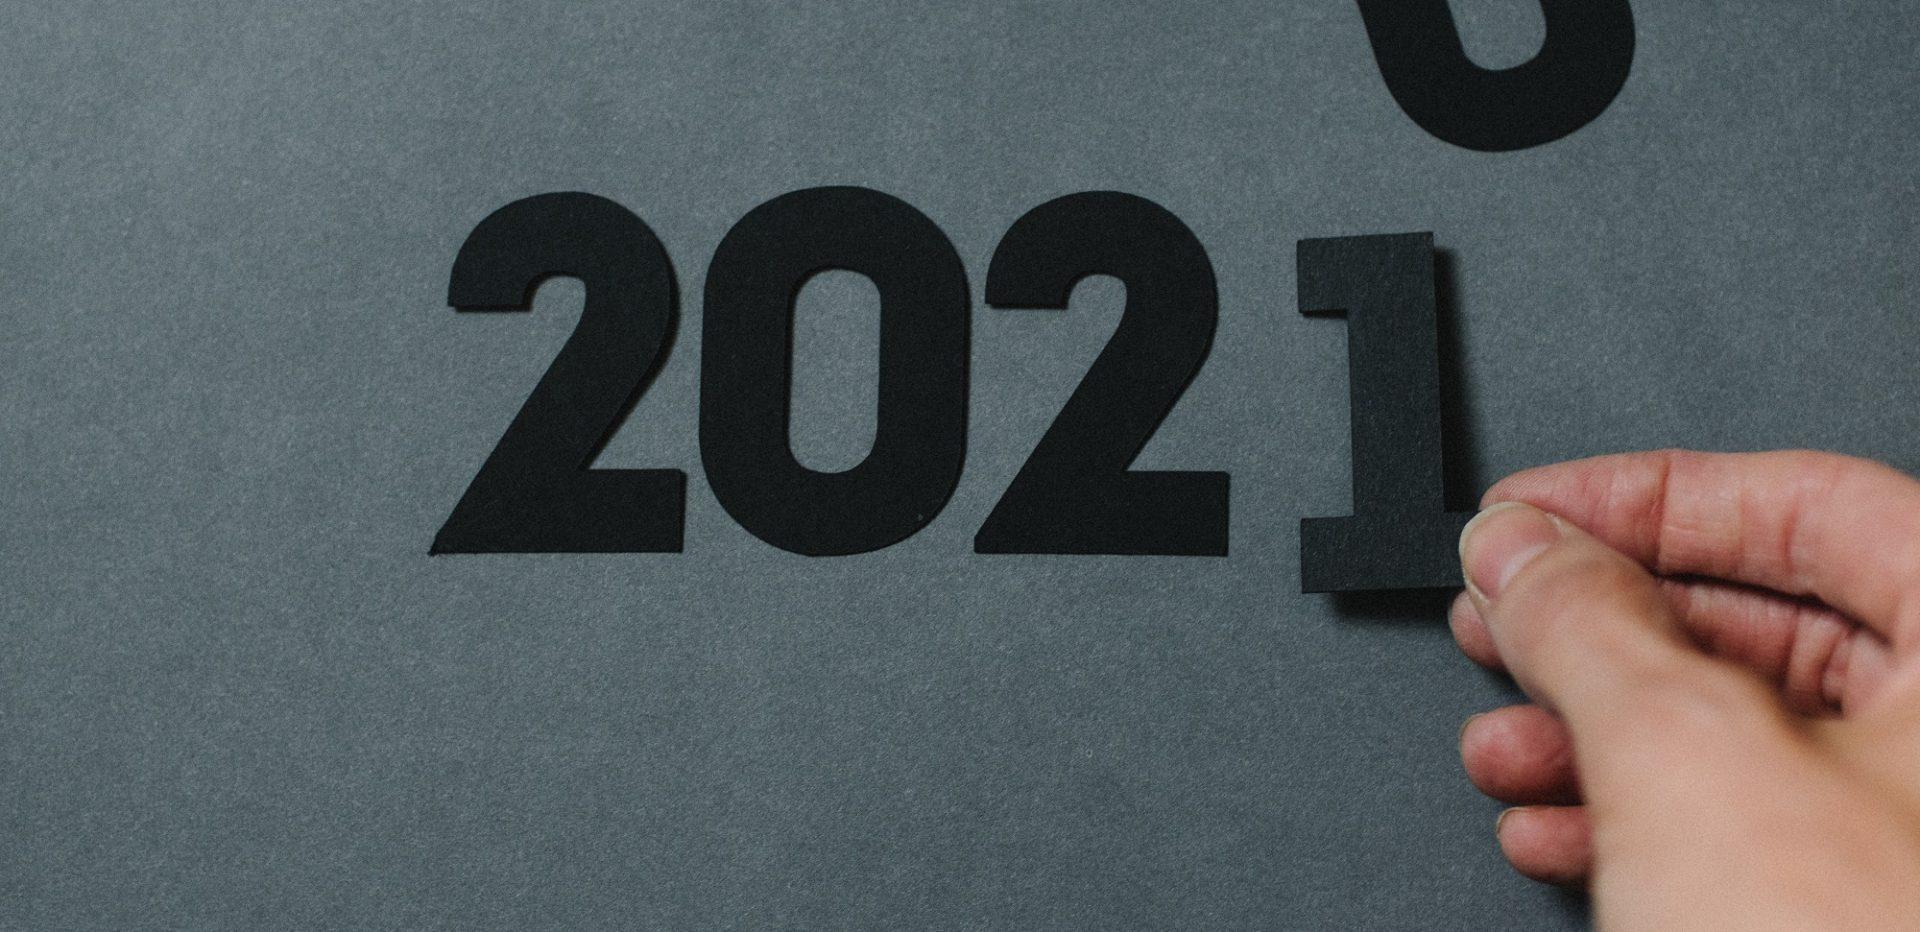 En hånd indsætter et 1-tal til årstallet 2021